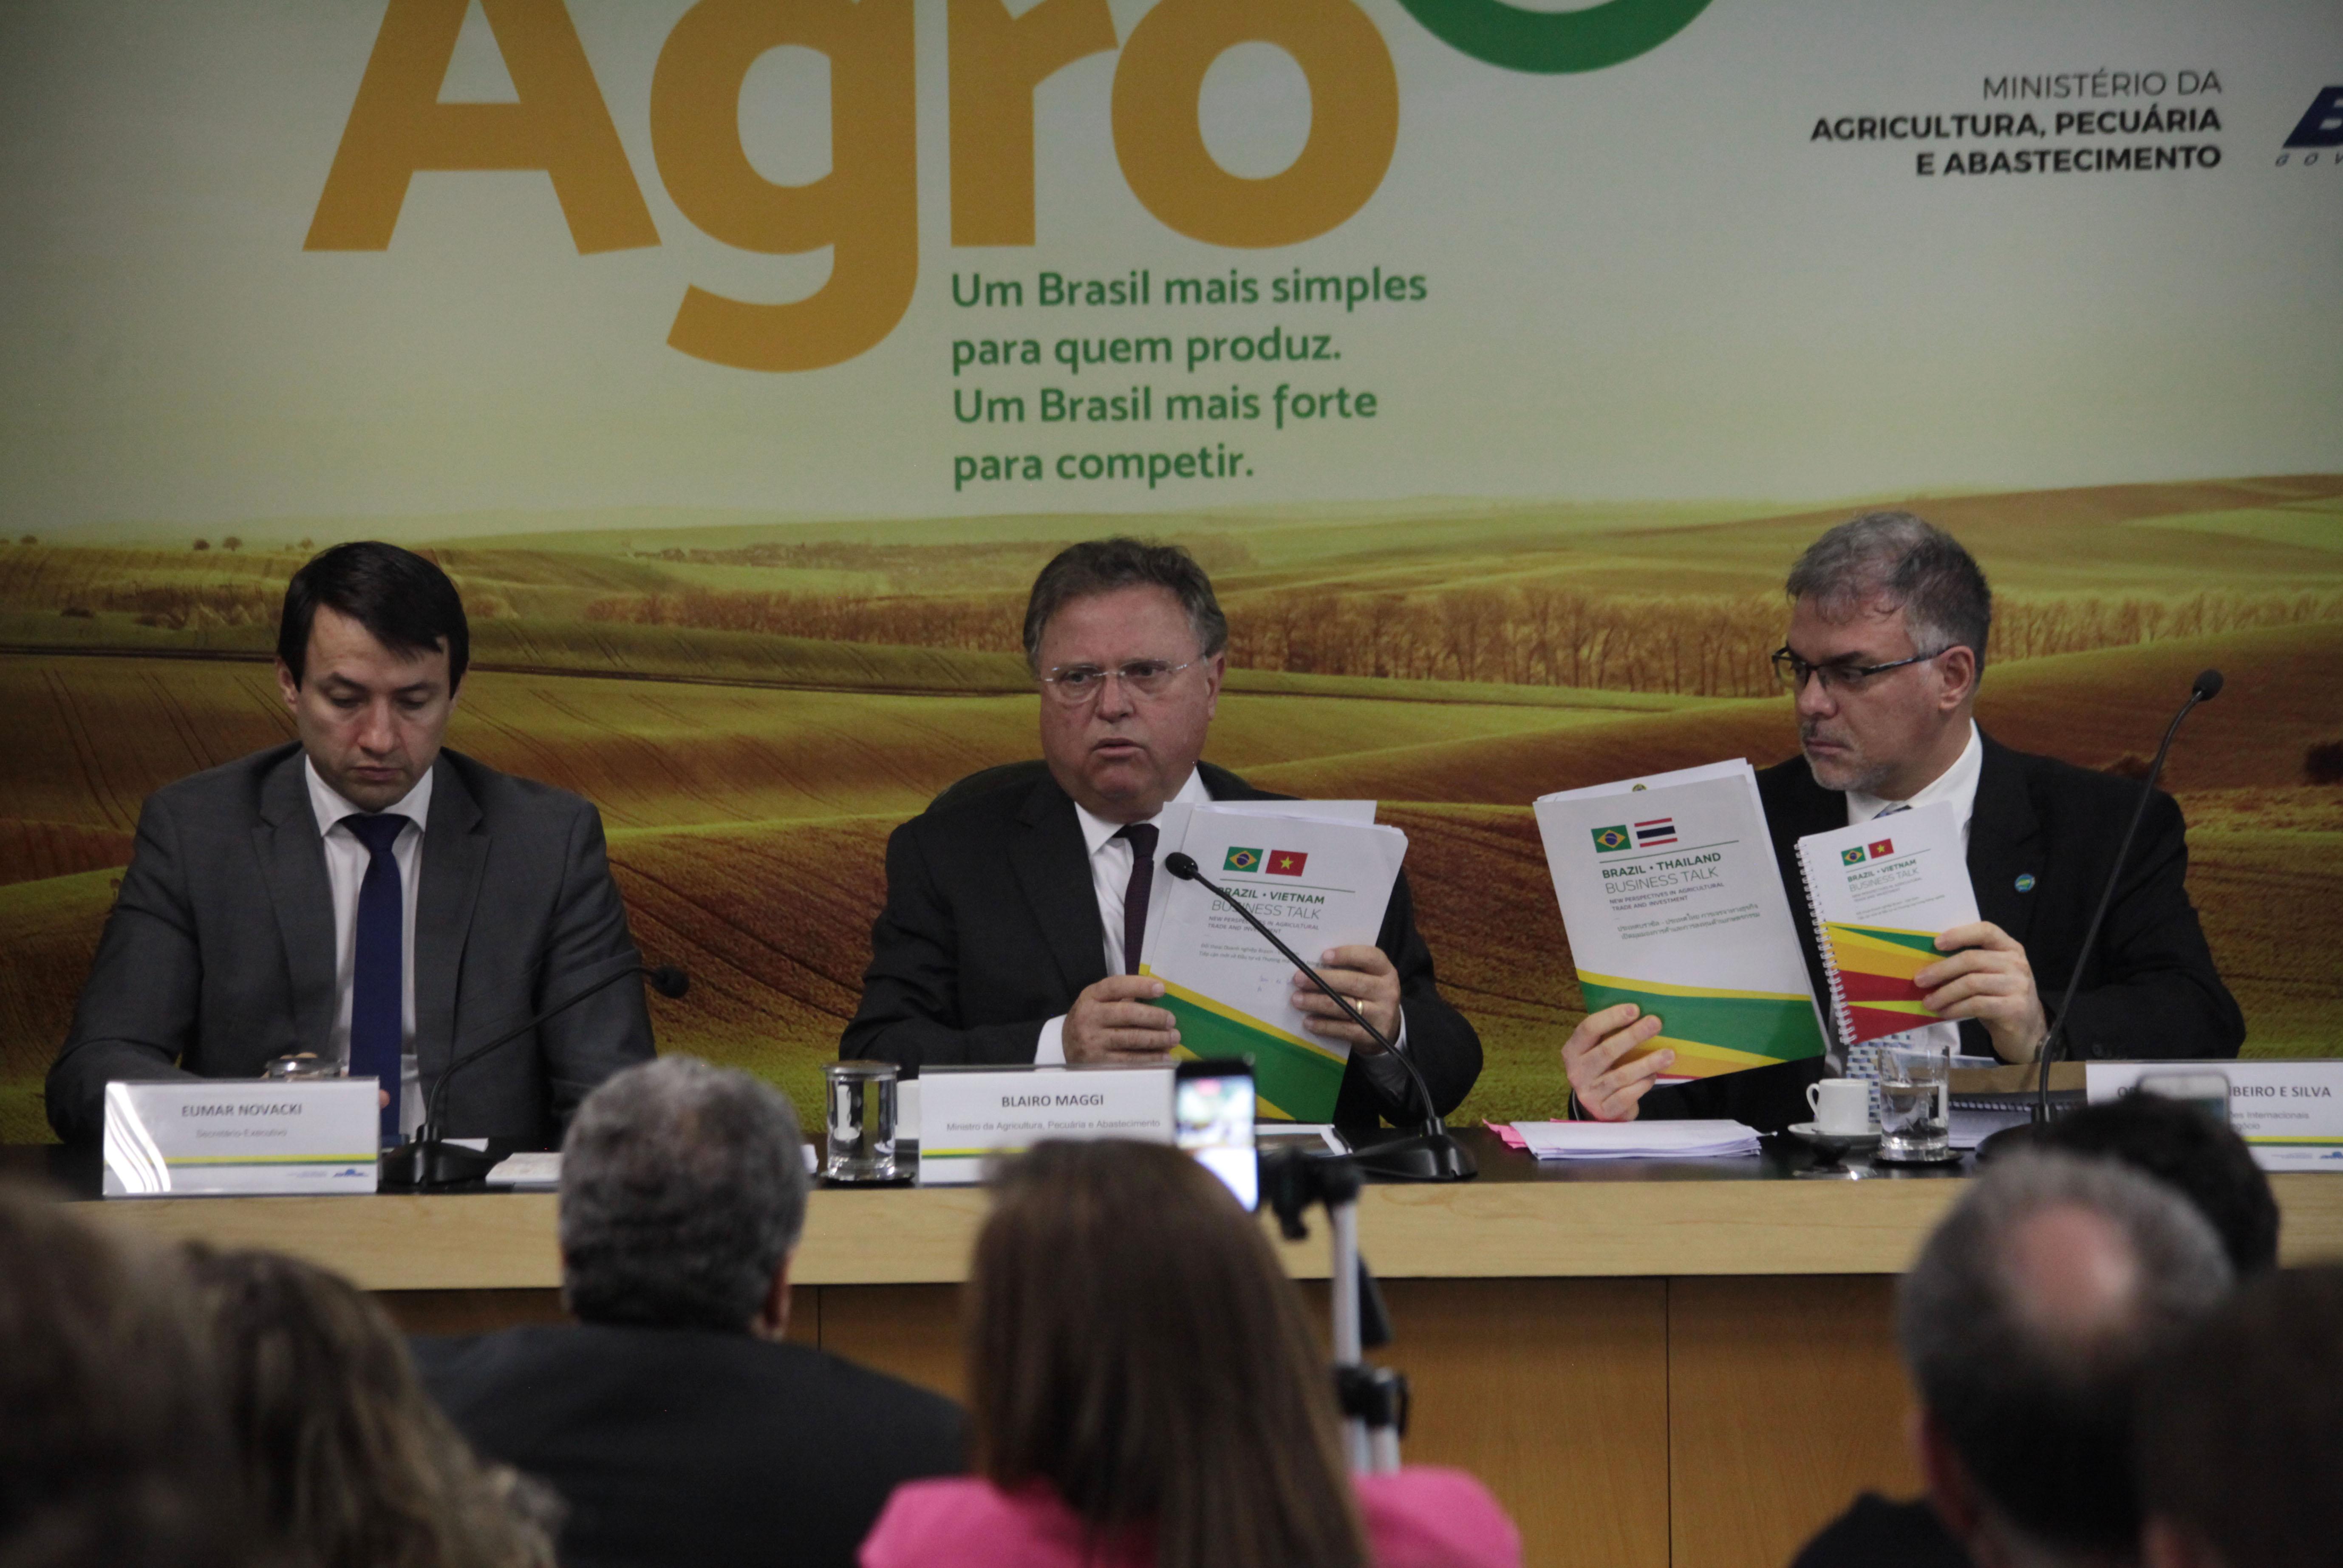 Foto: Antonio Araujo/Mapa